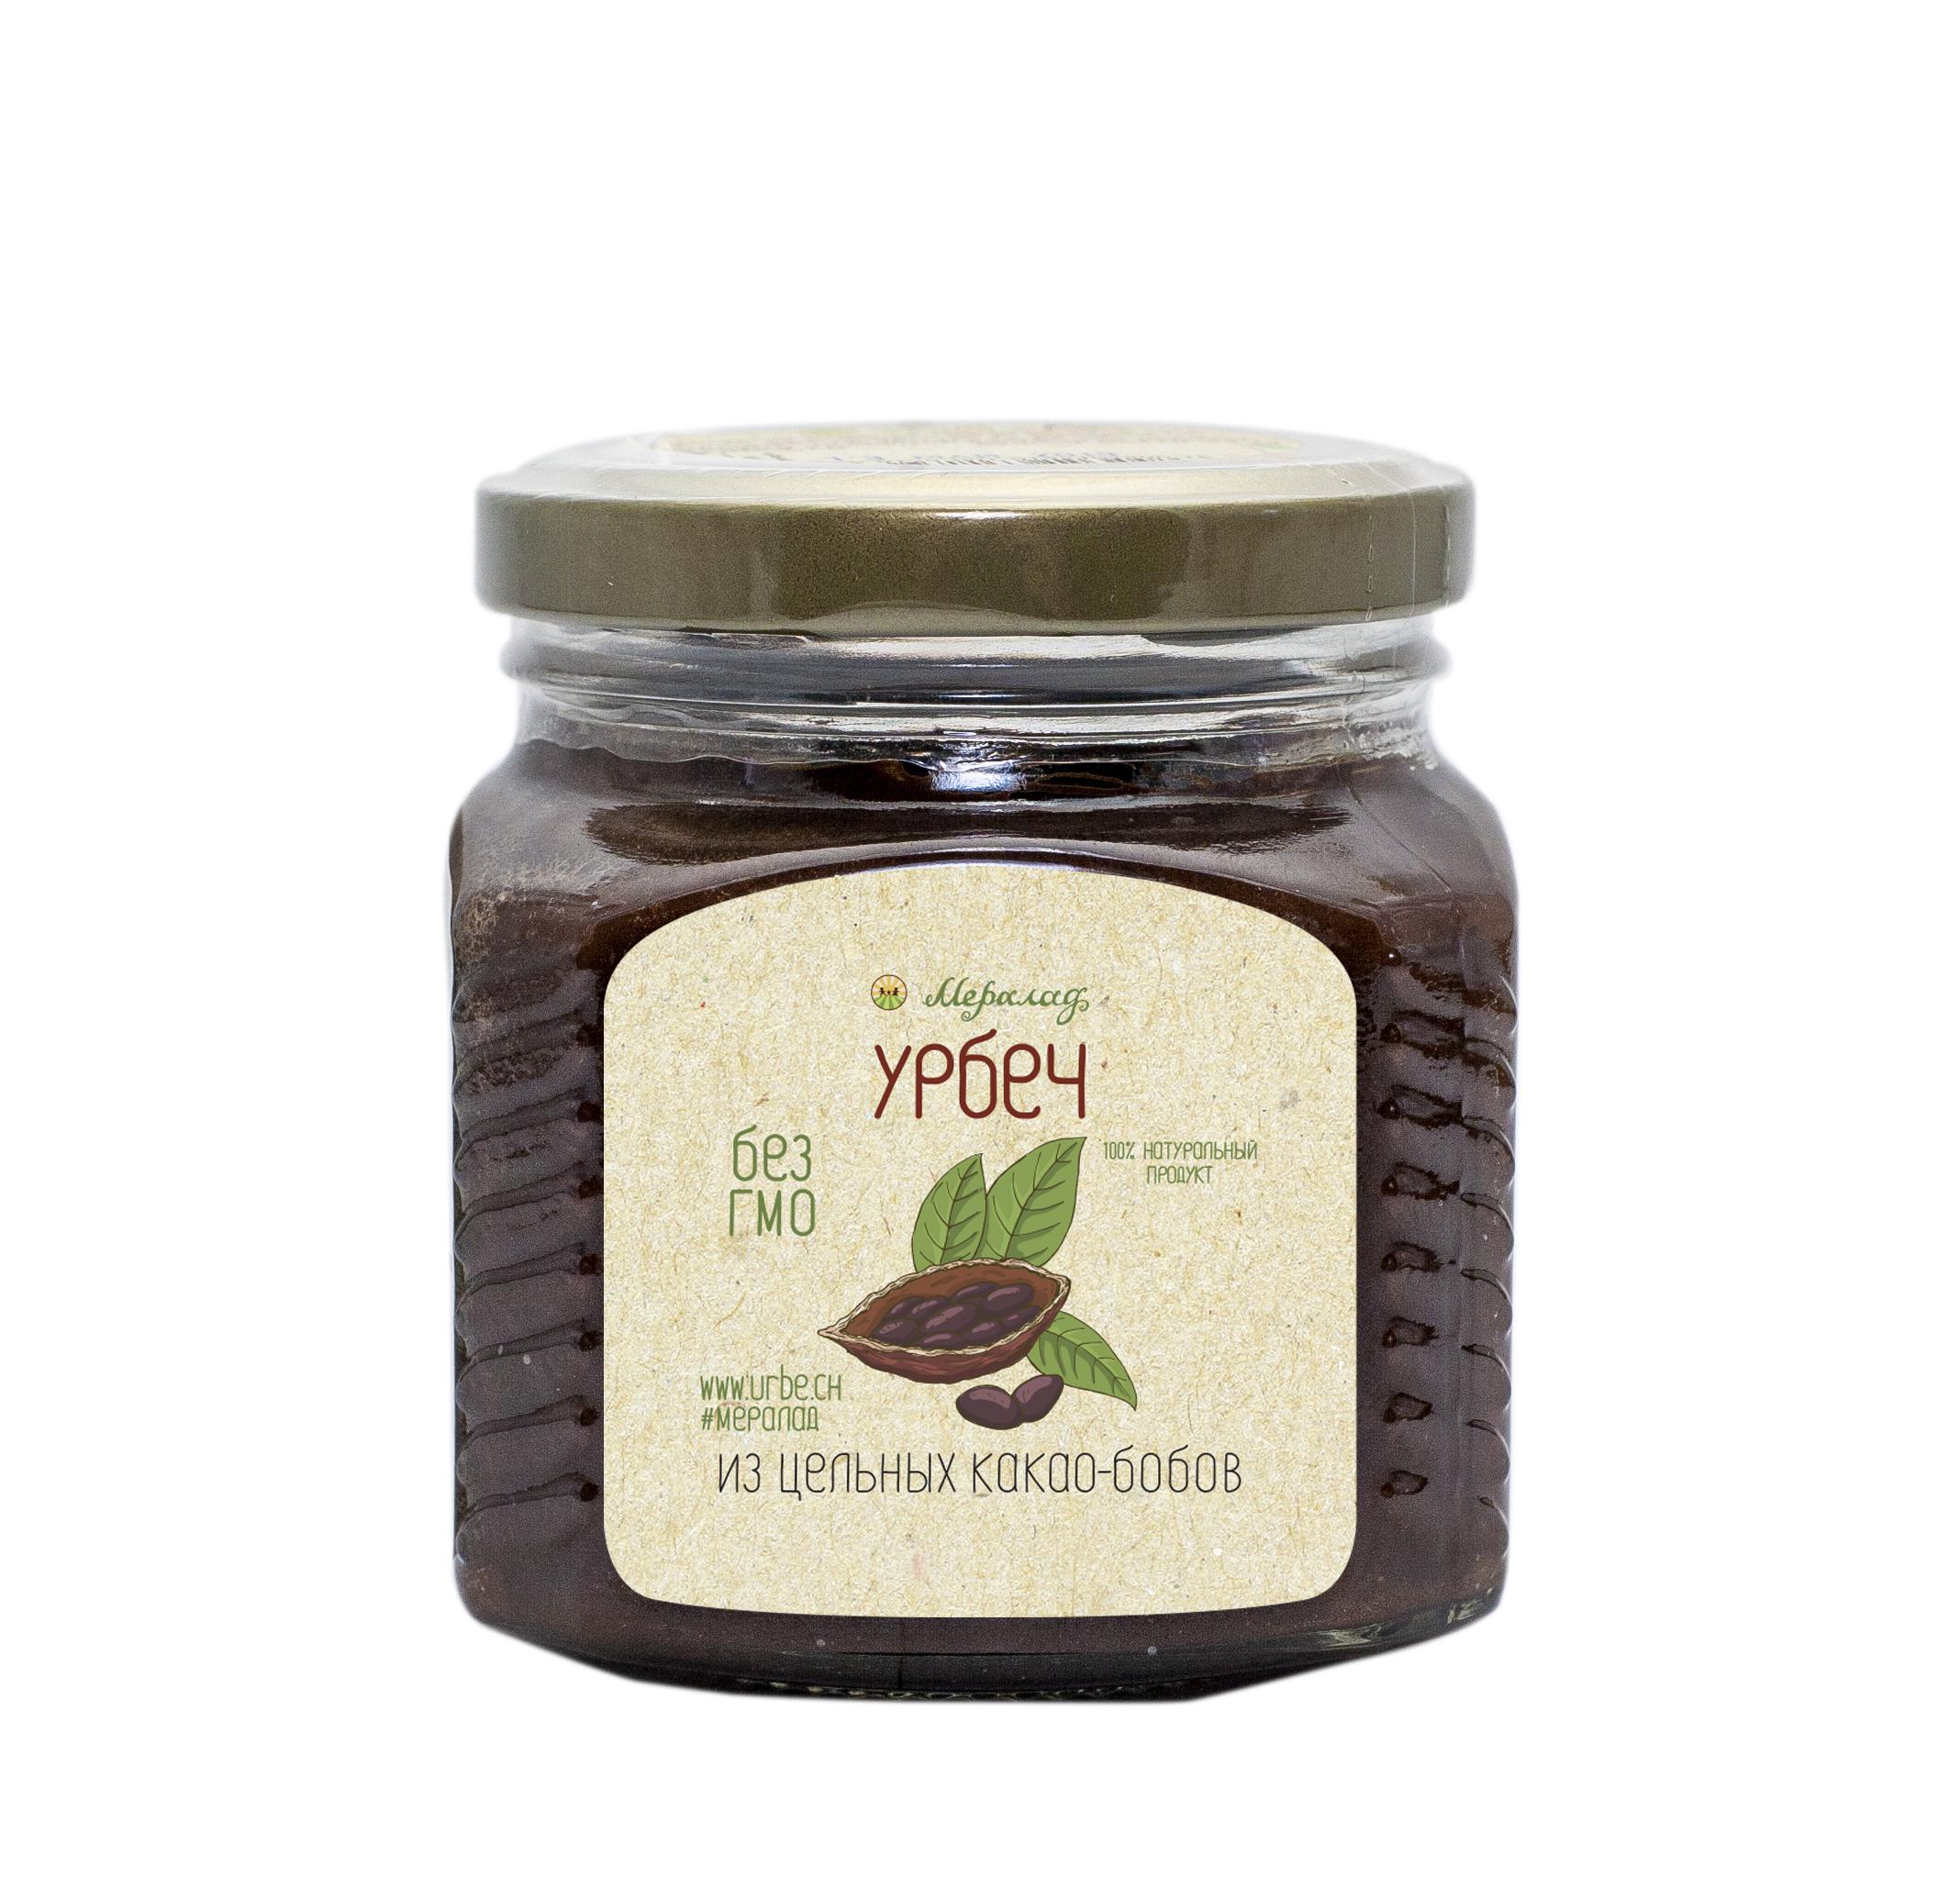 Фото Урбеч из цельных какао-бобов (230г.) от Мералад